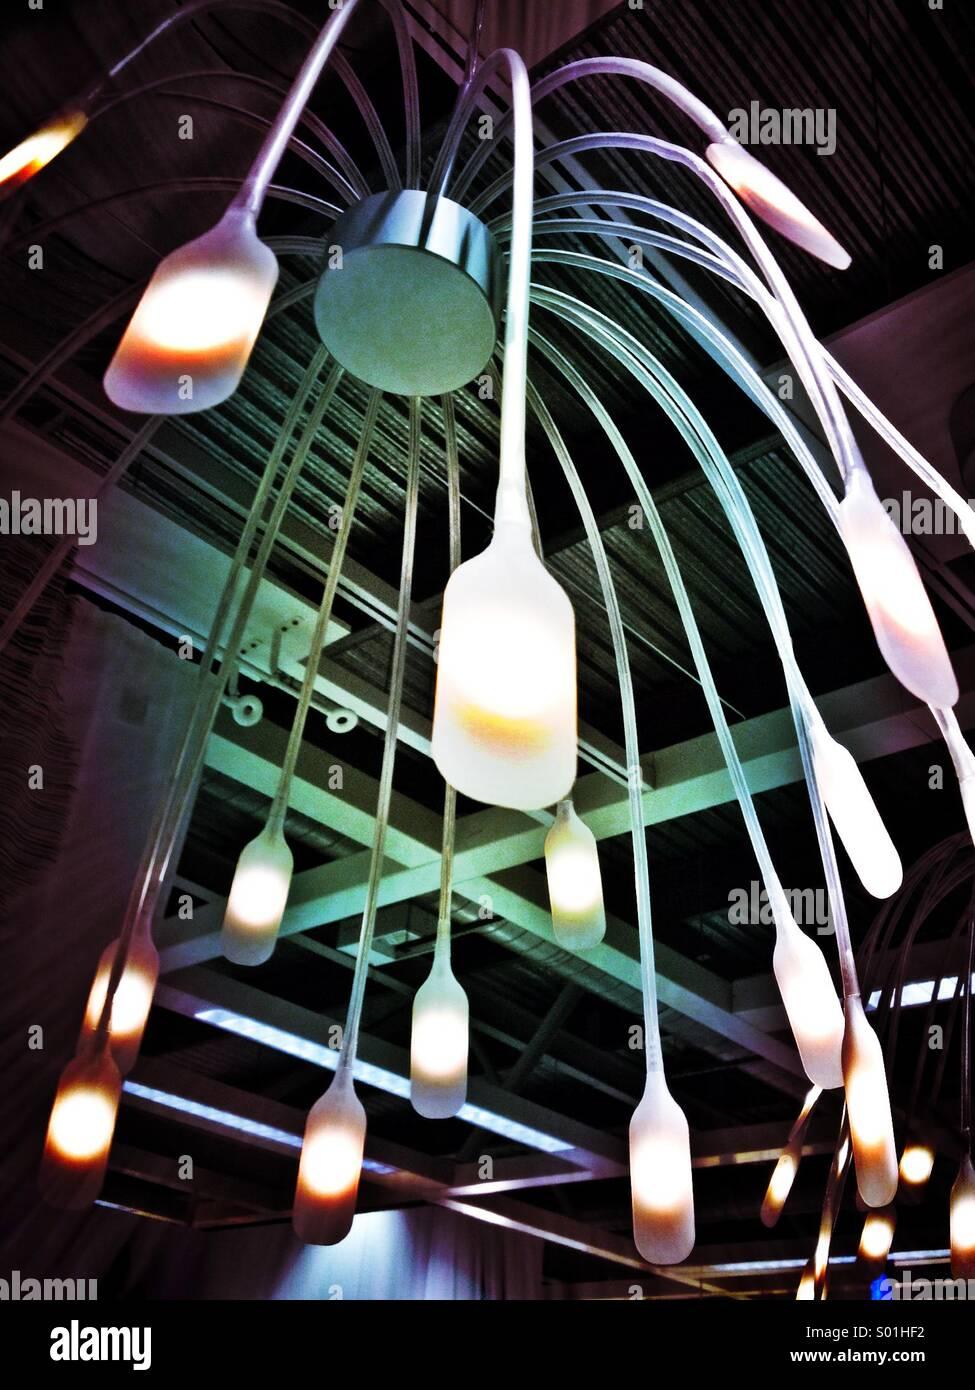 Visualizzatore delle luci Immagini Stock